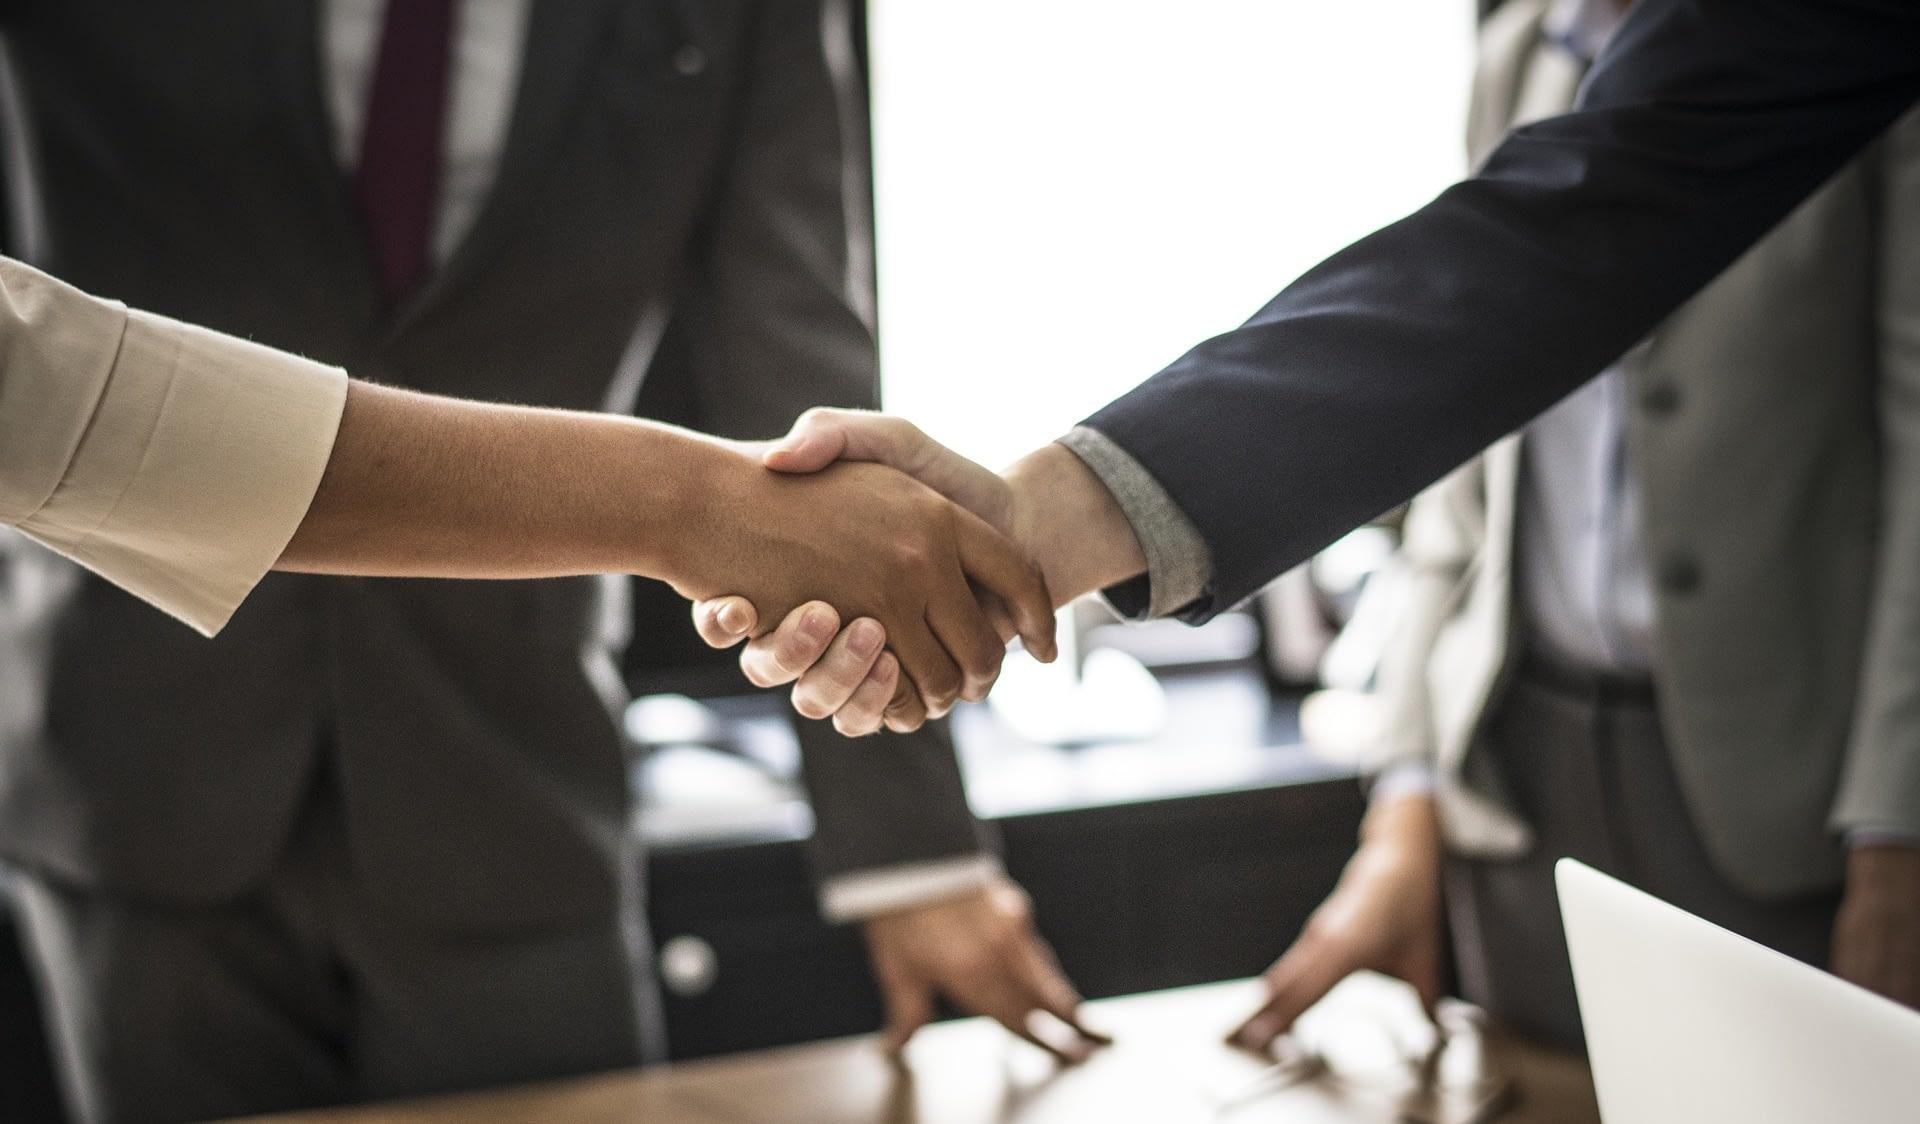 Handshake between two professionals.